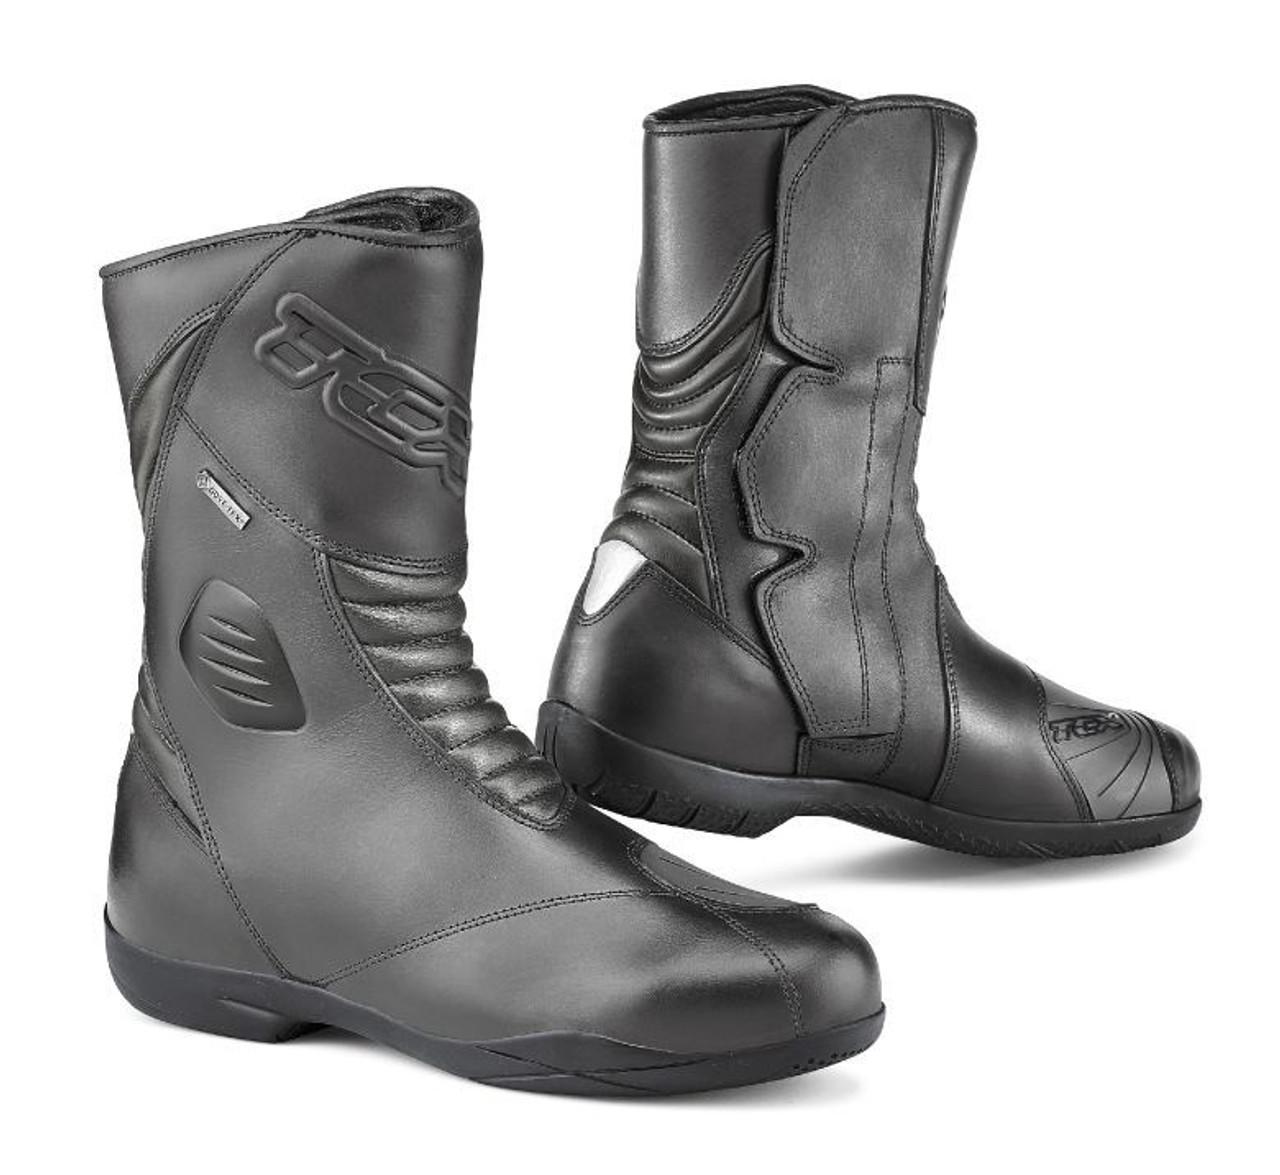 42 Black TCX Baja Gtx Mens Street Motorcycle Boots